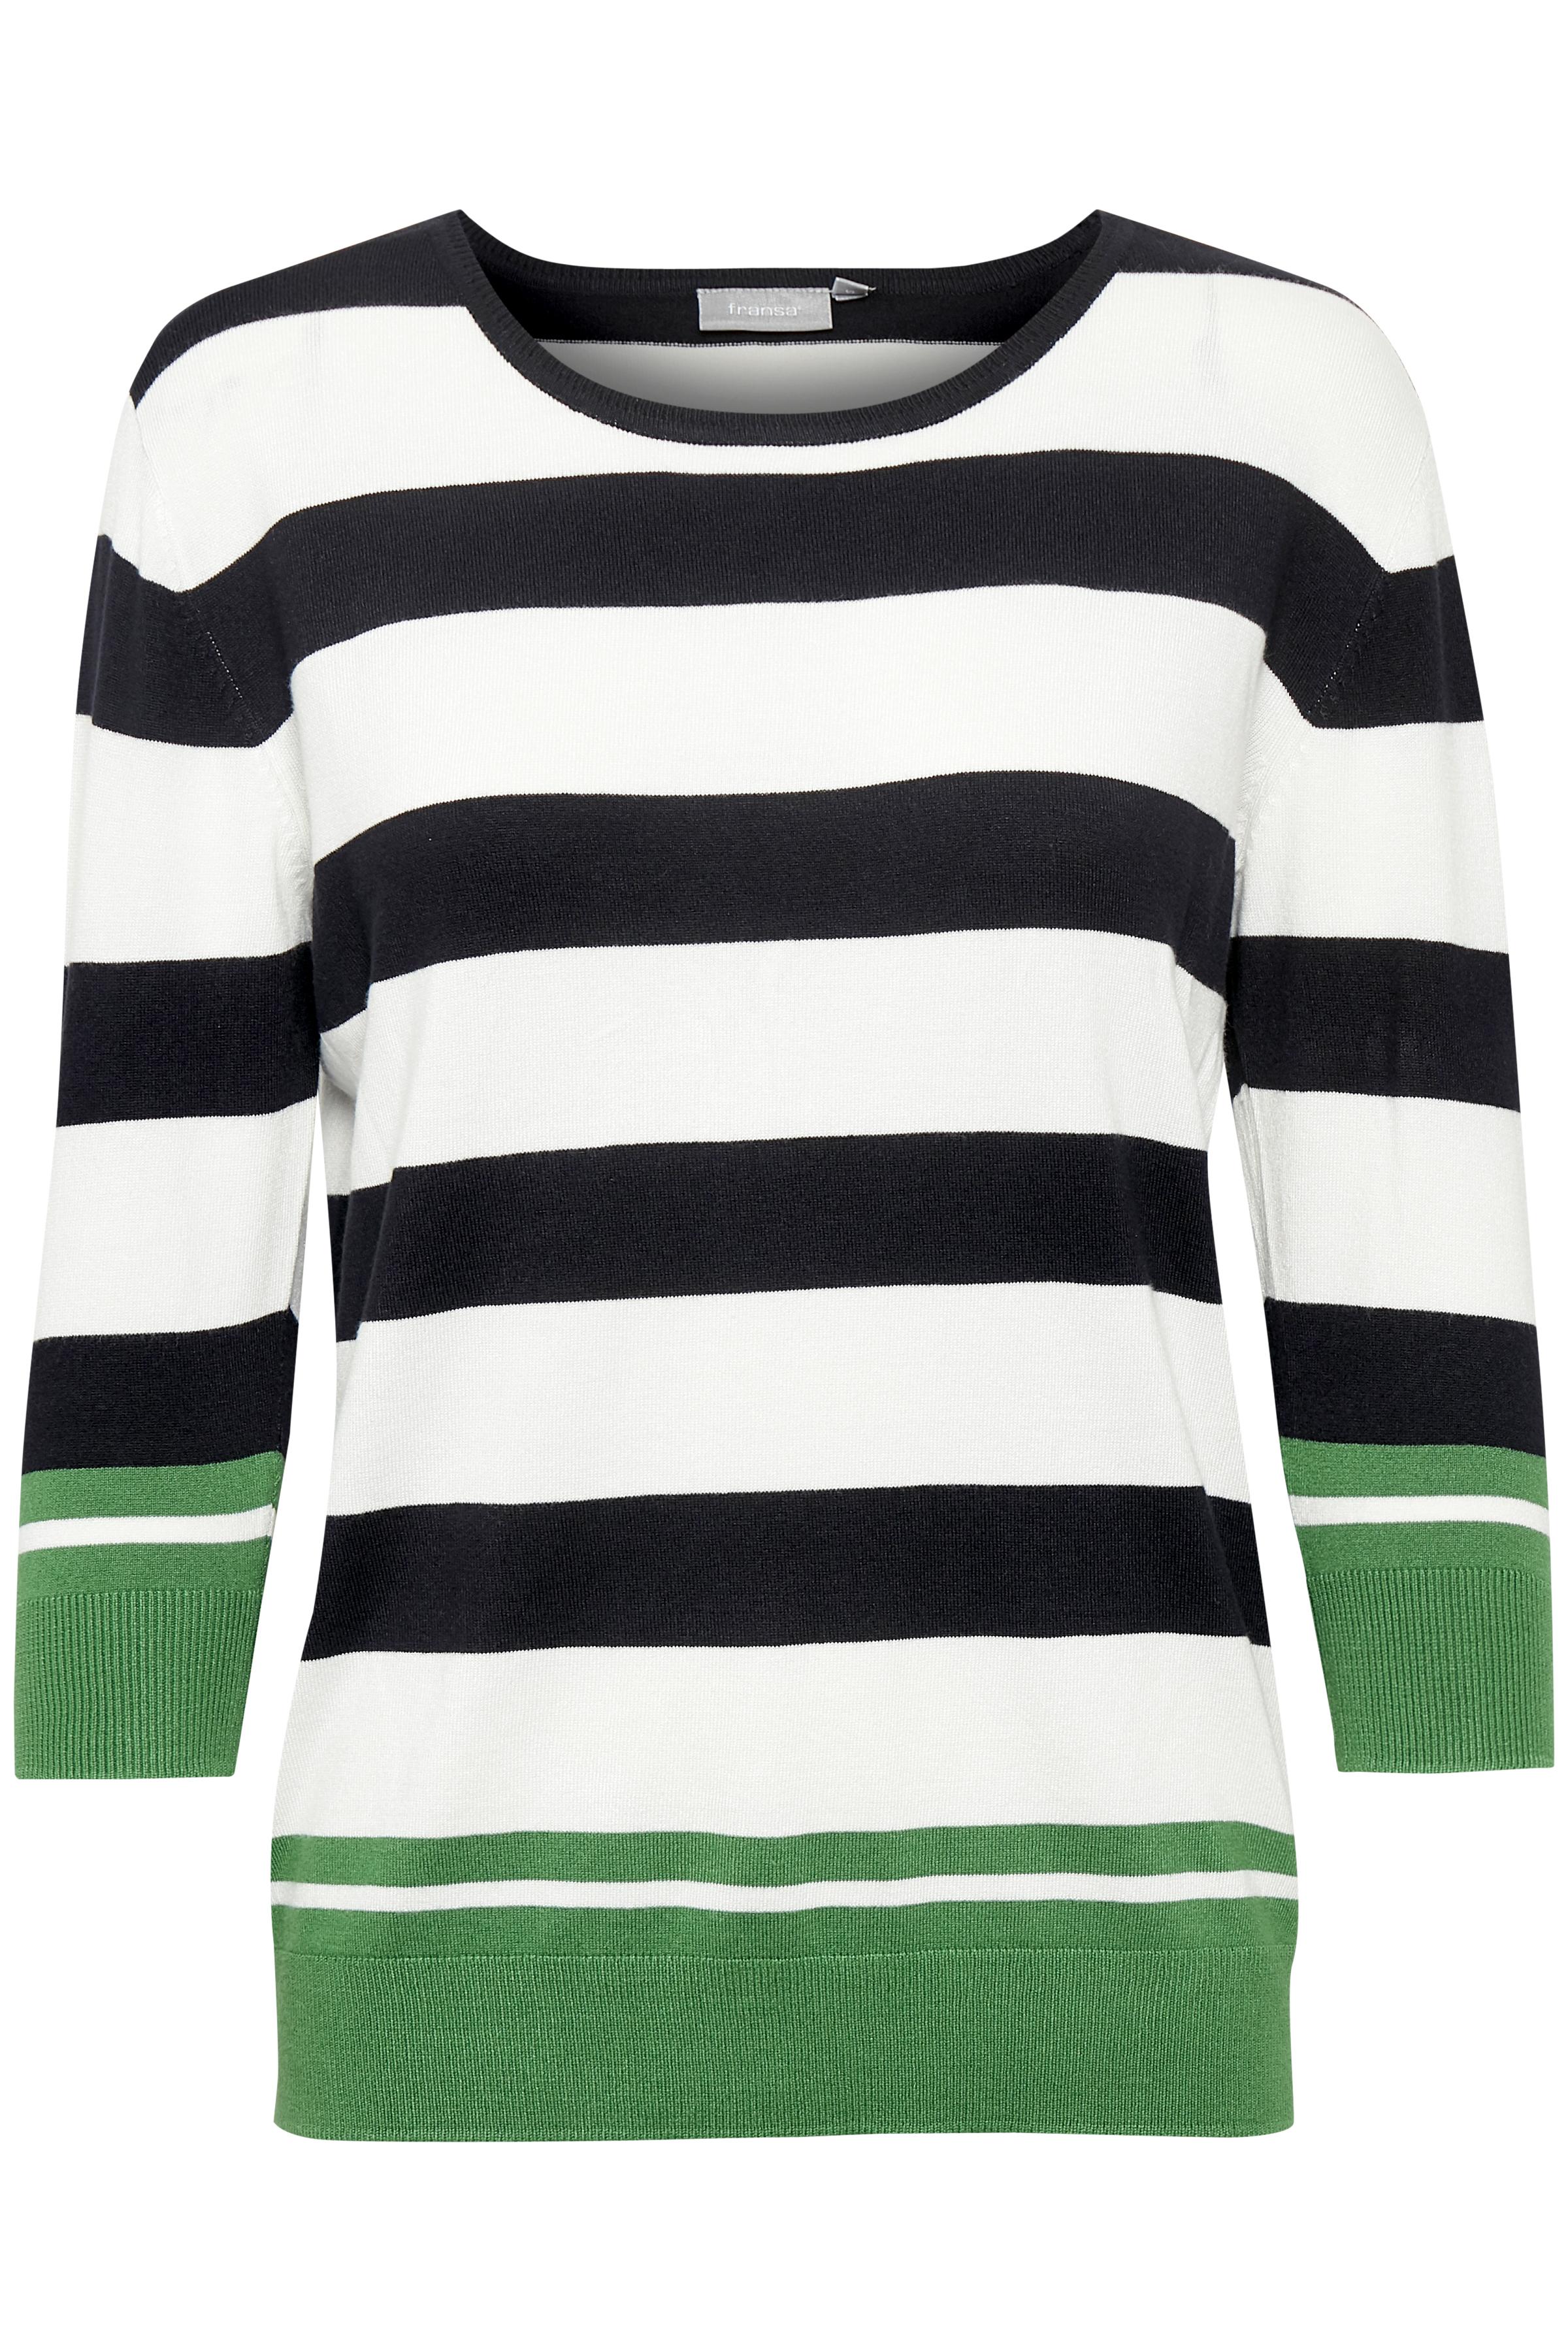 Hvid/grøn Strikbluse fra Fransa – Køb Hvid/grøn Strikbluse fra str. XS-XXL her